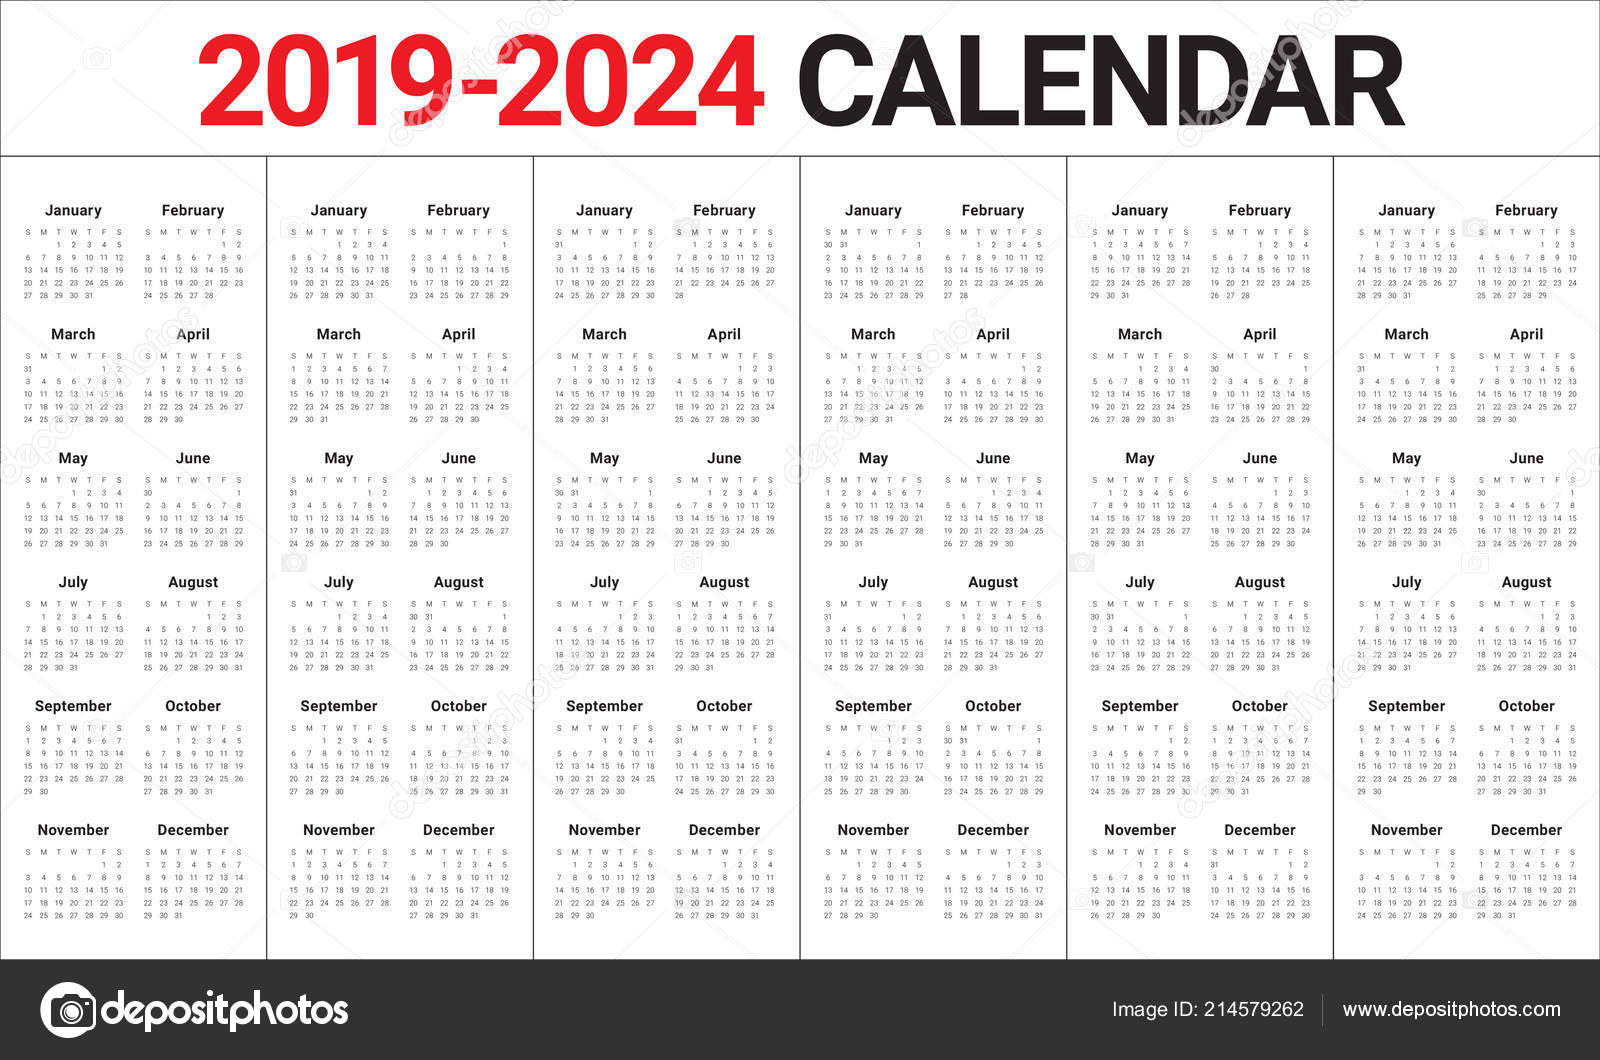 Calendrier Pro A 2020 2019.Year 2019 2020 2021 2022 2023 2024 Calendar Vector Design